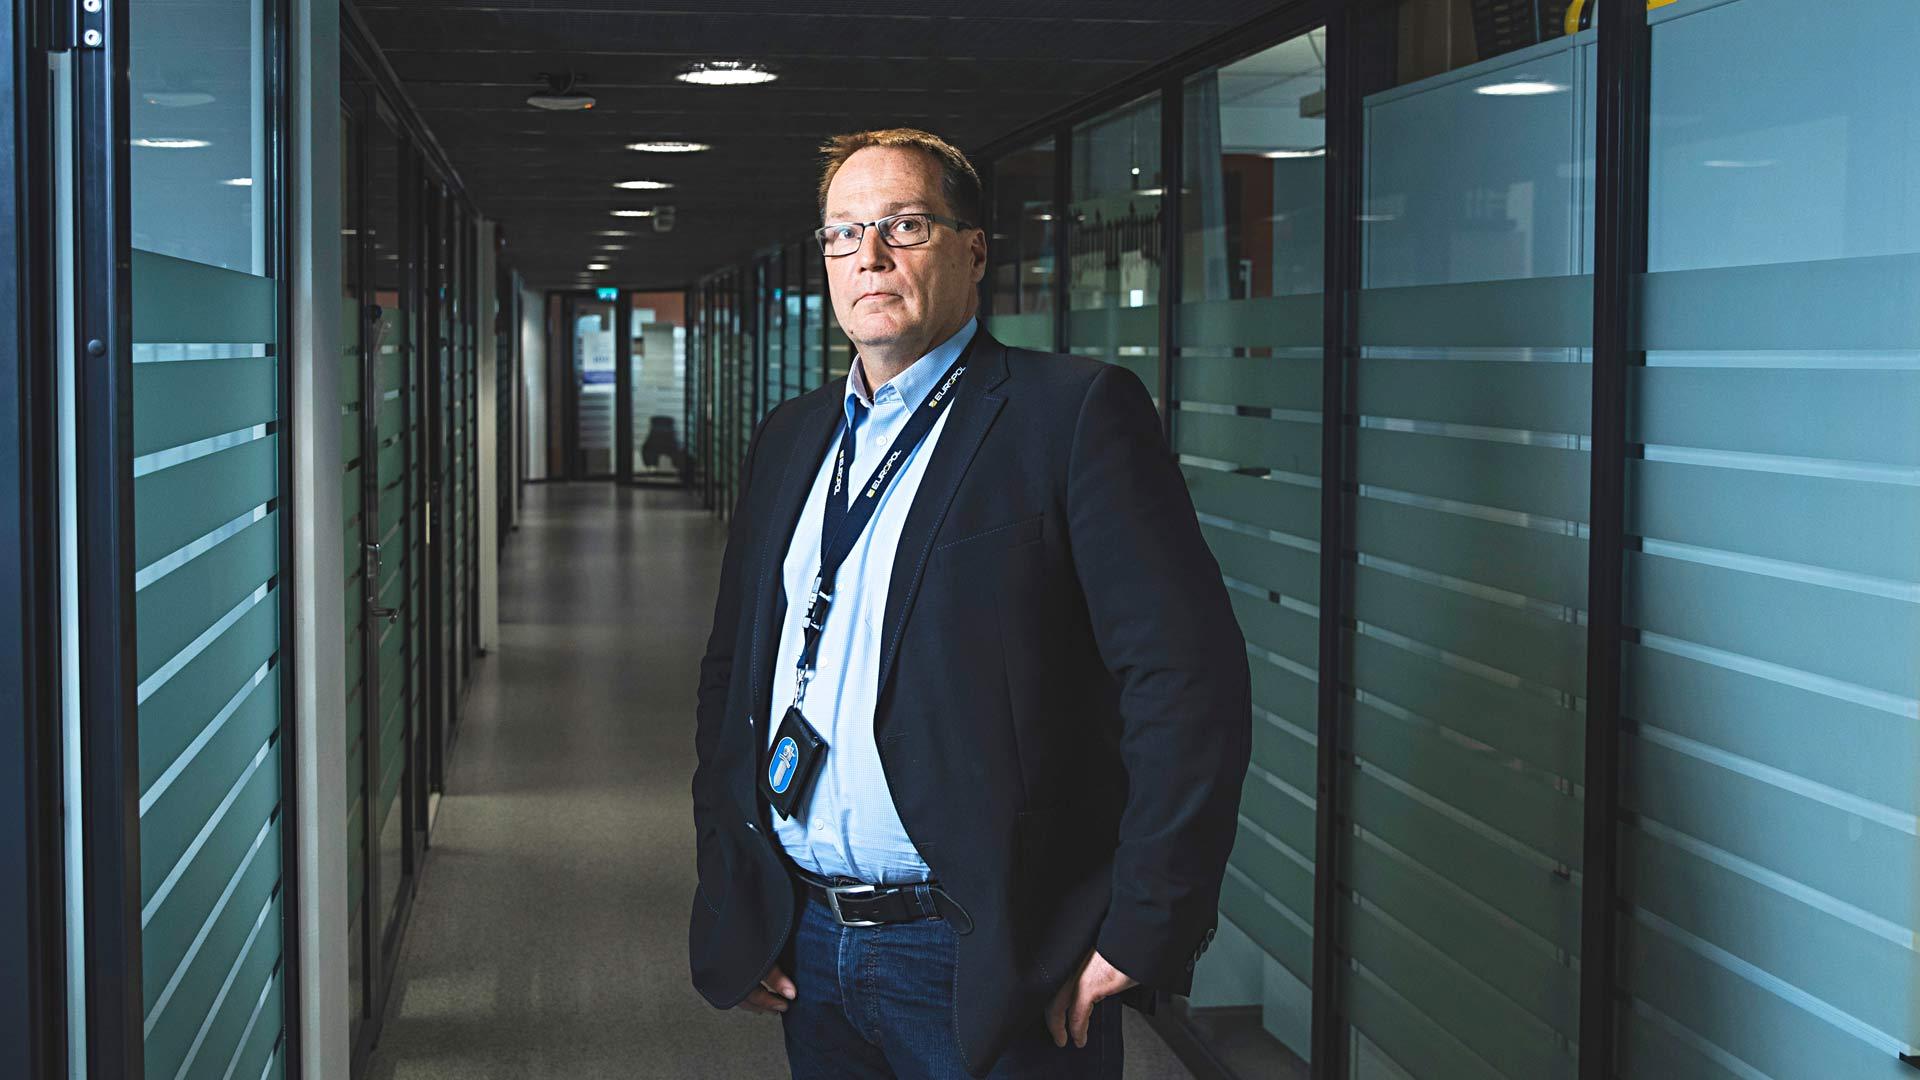 Koski tuli Helsinkiin töihin vuonna 1992. Takana oli poliisikoulu ja neljä kuukautta töitä Ylitorniossa.